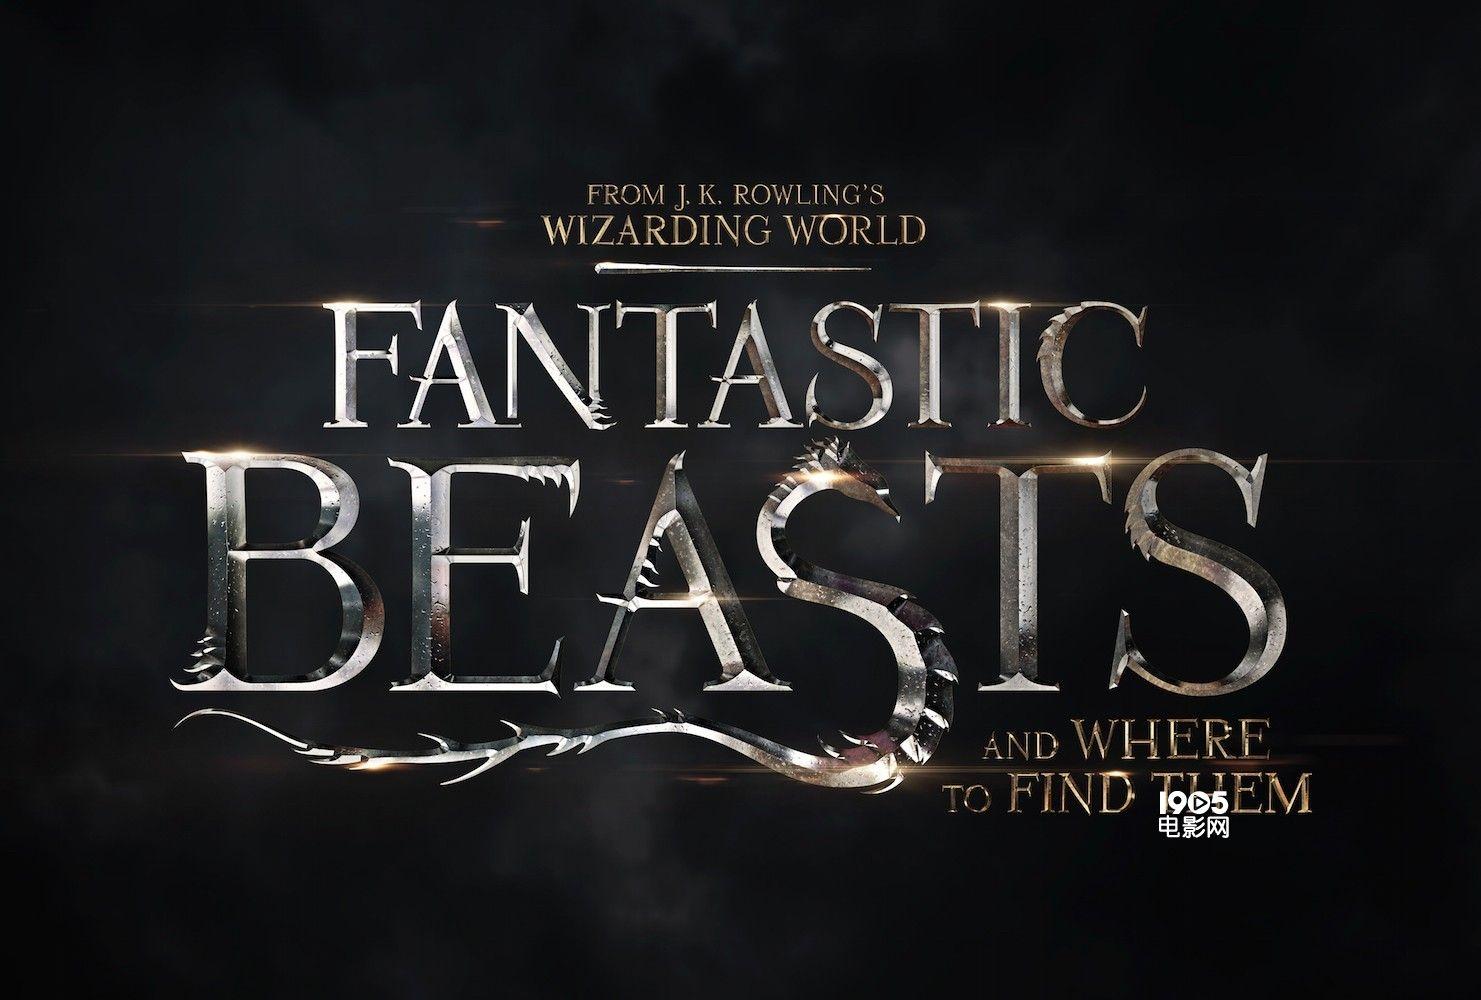 """1905电影网讯 作为《哈利·波特》系列的外传电影,《神奇动物在哪里》得到了全世界所有影迷的关注。日前,该片剧组公布了影片的官方标志。这个标志以黑色为背景色,传统的英文字体为主。在字母的细节上,做了""""模拟动物""""的处理。所以我们能看到字母上似乎长出了神奇动物的牙齿、羽毛、翅膀和尾巴。整个标志色彩对比强烈,金属质感一流,不难令人想到魔法世界的硬朗风格。 虽然说《神奇动物在哪里》是《哈利·波特》的外传,但是该故事却并不牵扯到《哈利·波特》的任何"""